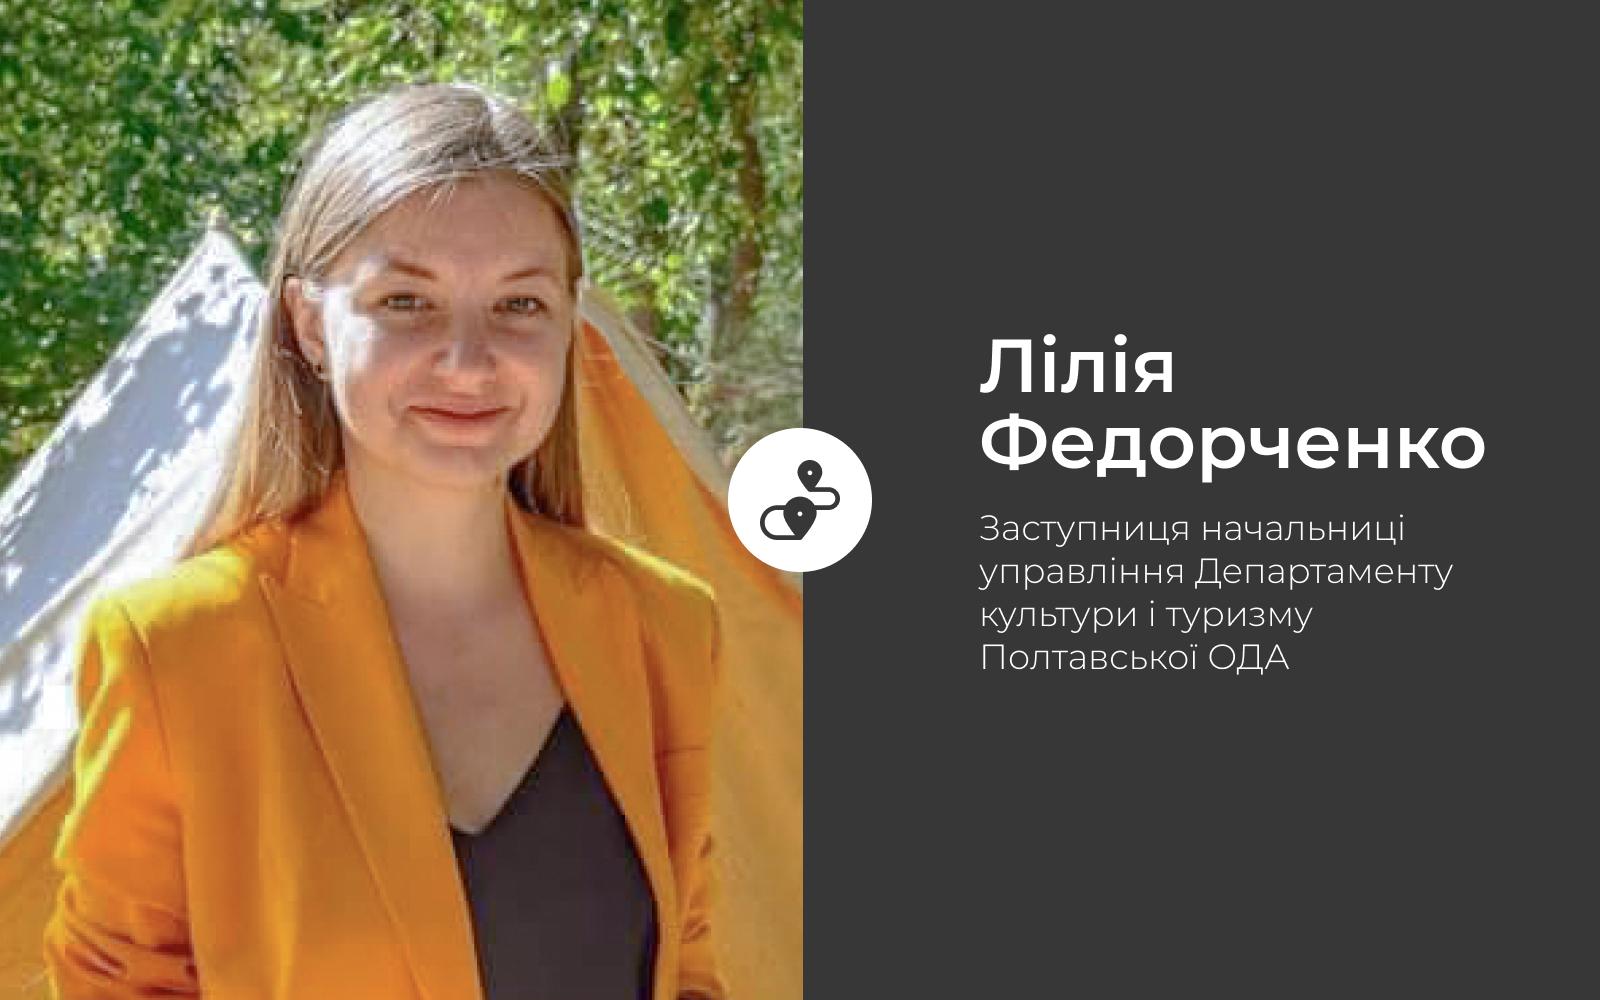 Lilia Fedorchenko 1